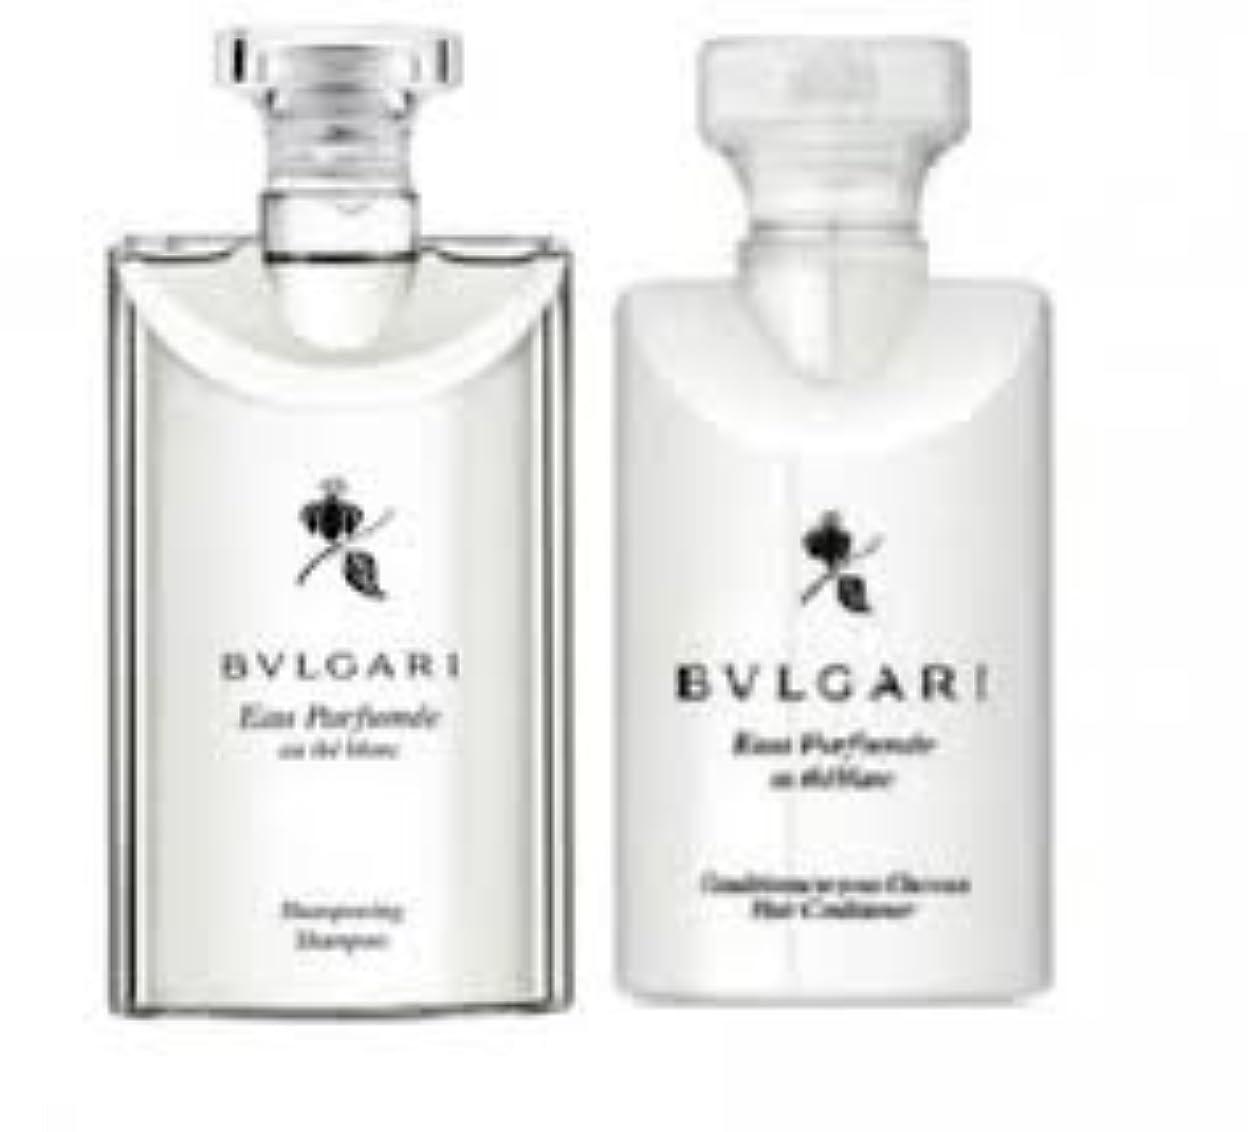 左スペシャリスト解説Bvlgari Eau Parfumee Au The Blanc (ブルガリ オー パフュ-メ オウ ブラン) 2.5 oz (75ml) シャンプー & ヘアーコンディショナー